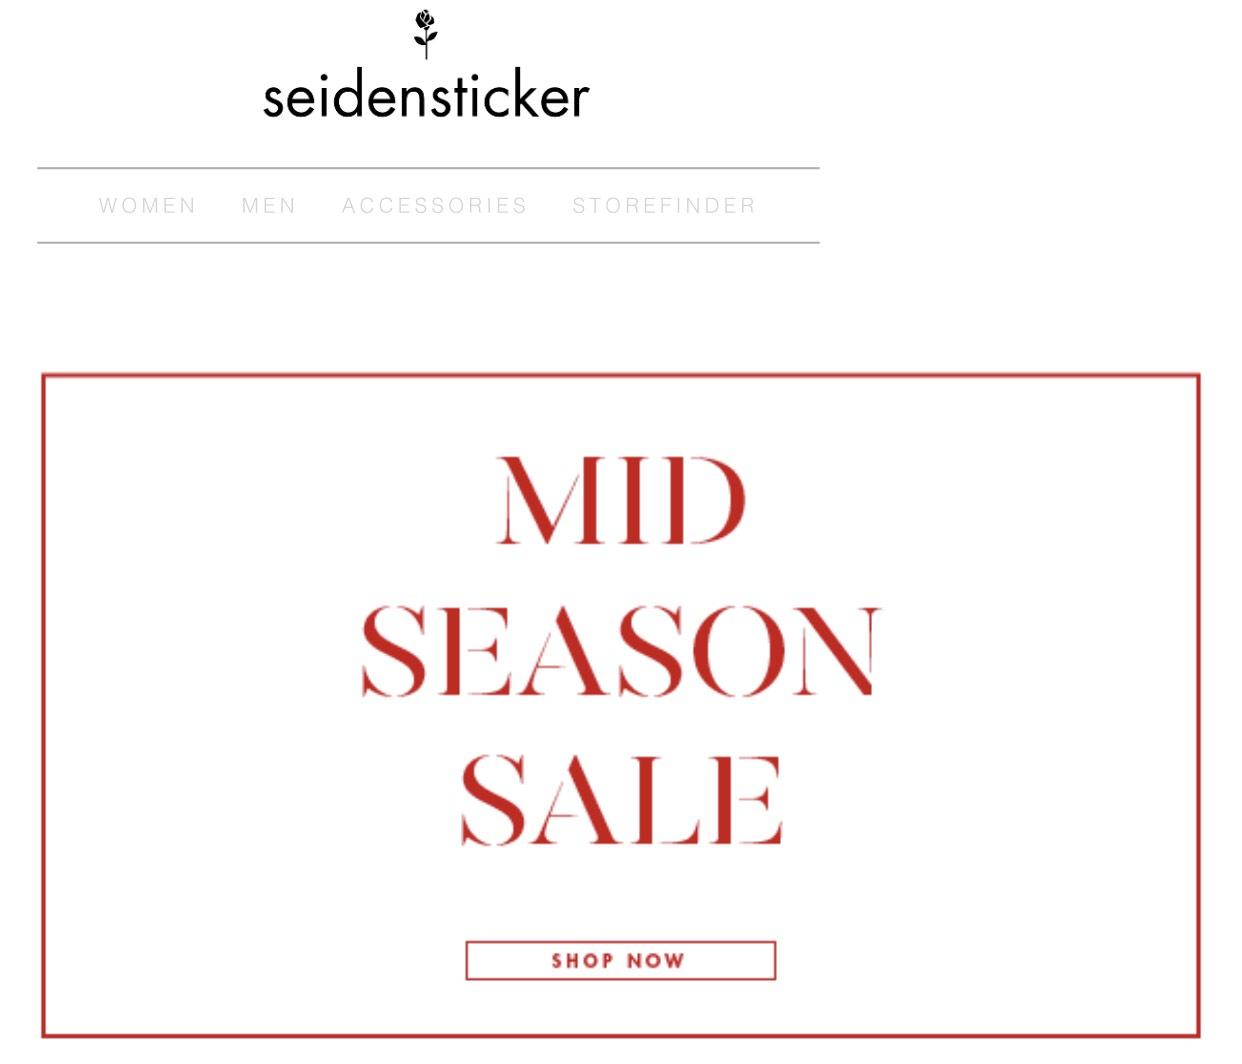 *Seidensticker* Mid Season Sale bis zu 50% Rabatt - Damen / Herren